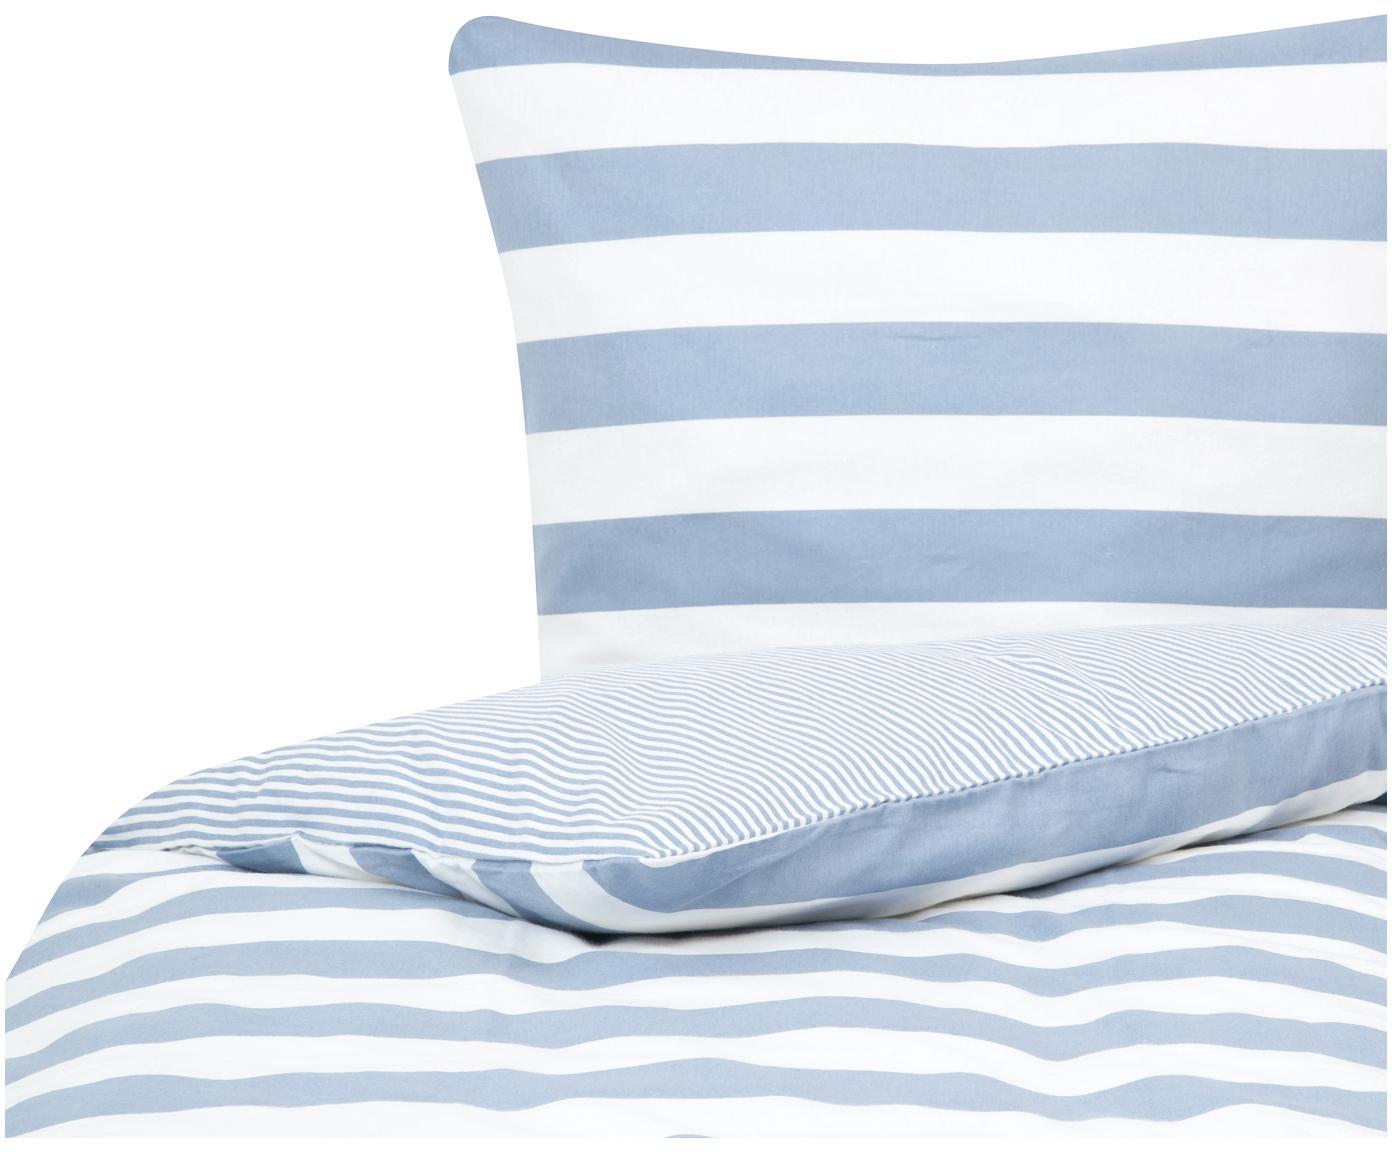 Dwustronna pościel z cienkiej flaneli Tyler, Biały, jasny niebieski, 135 x 200 cm